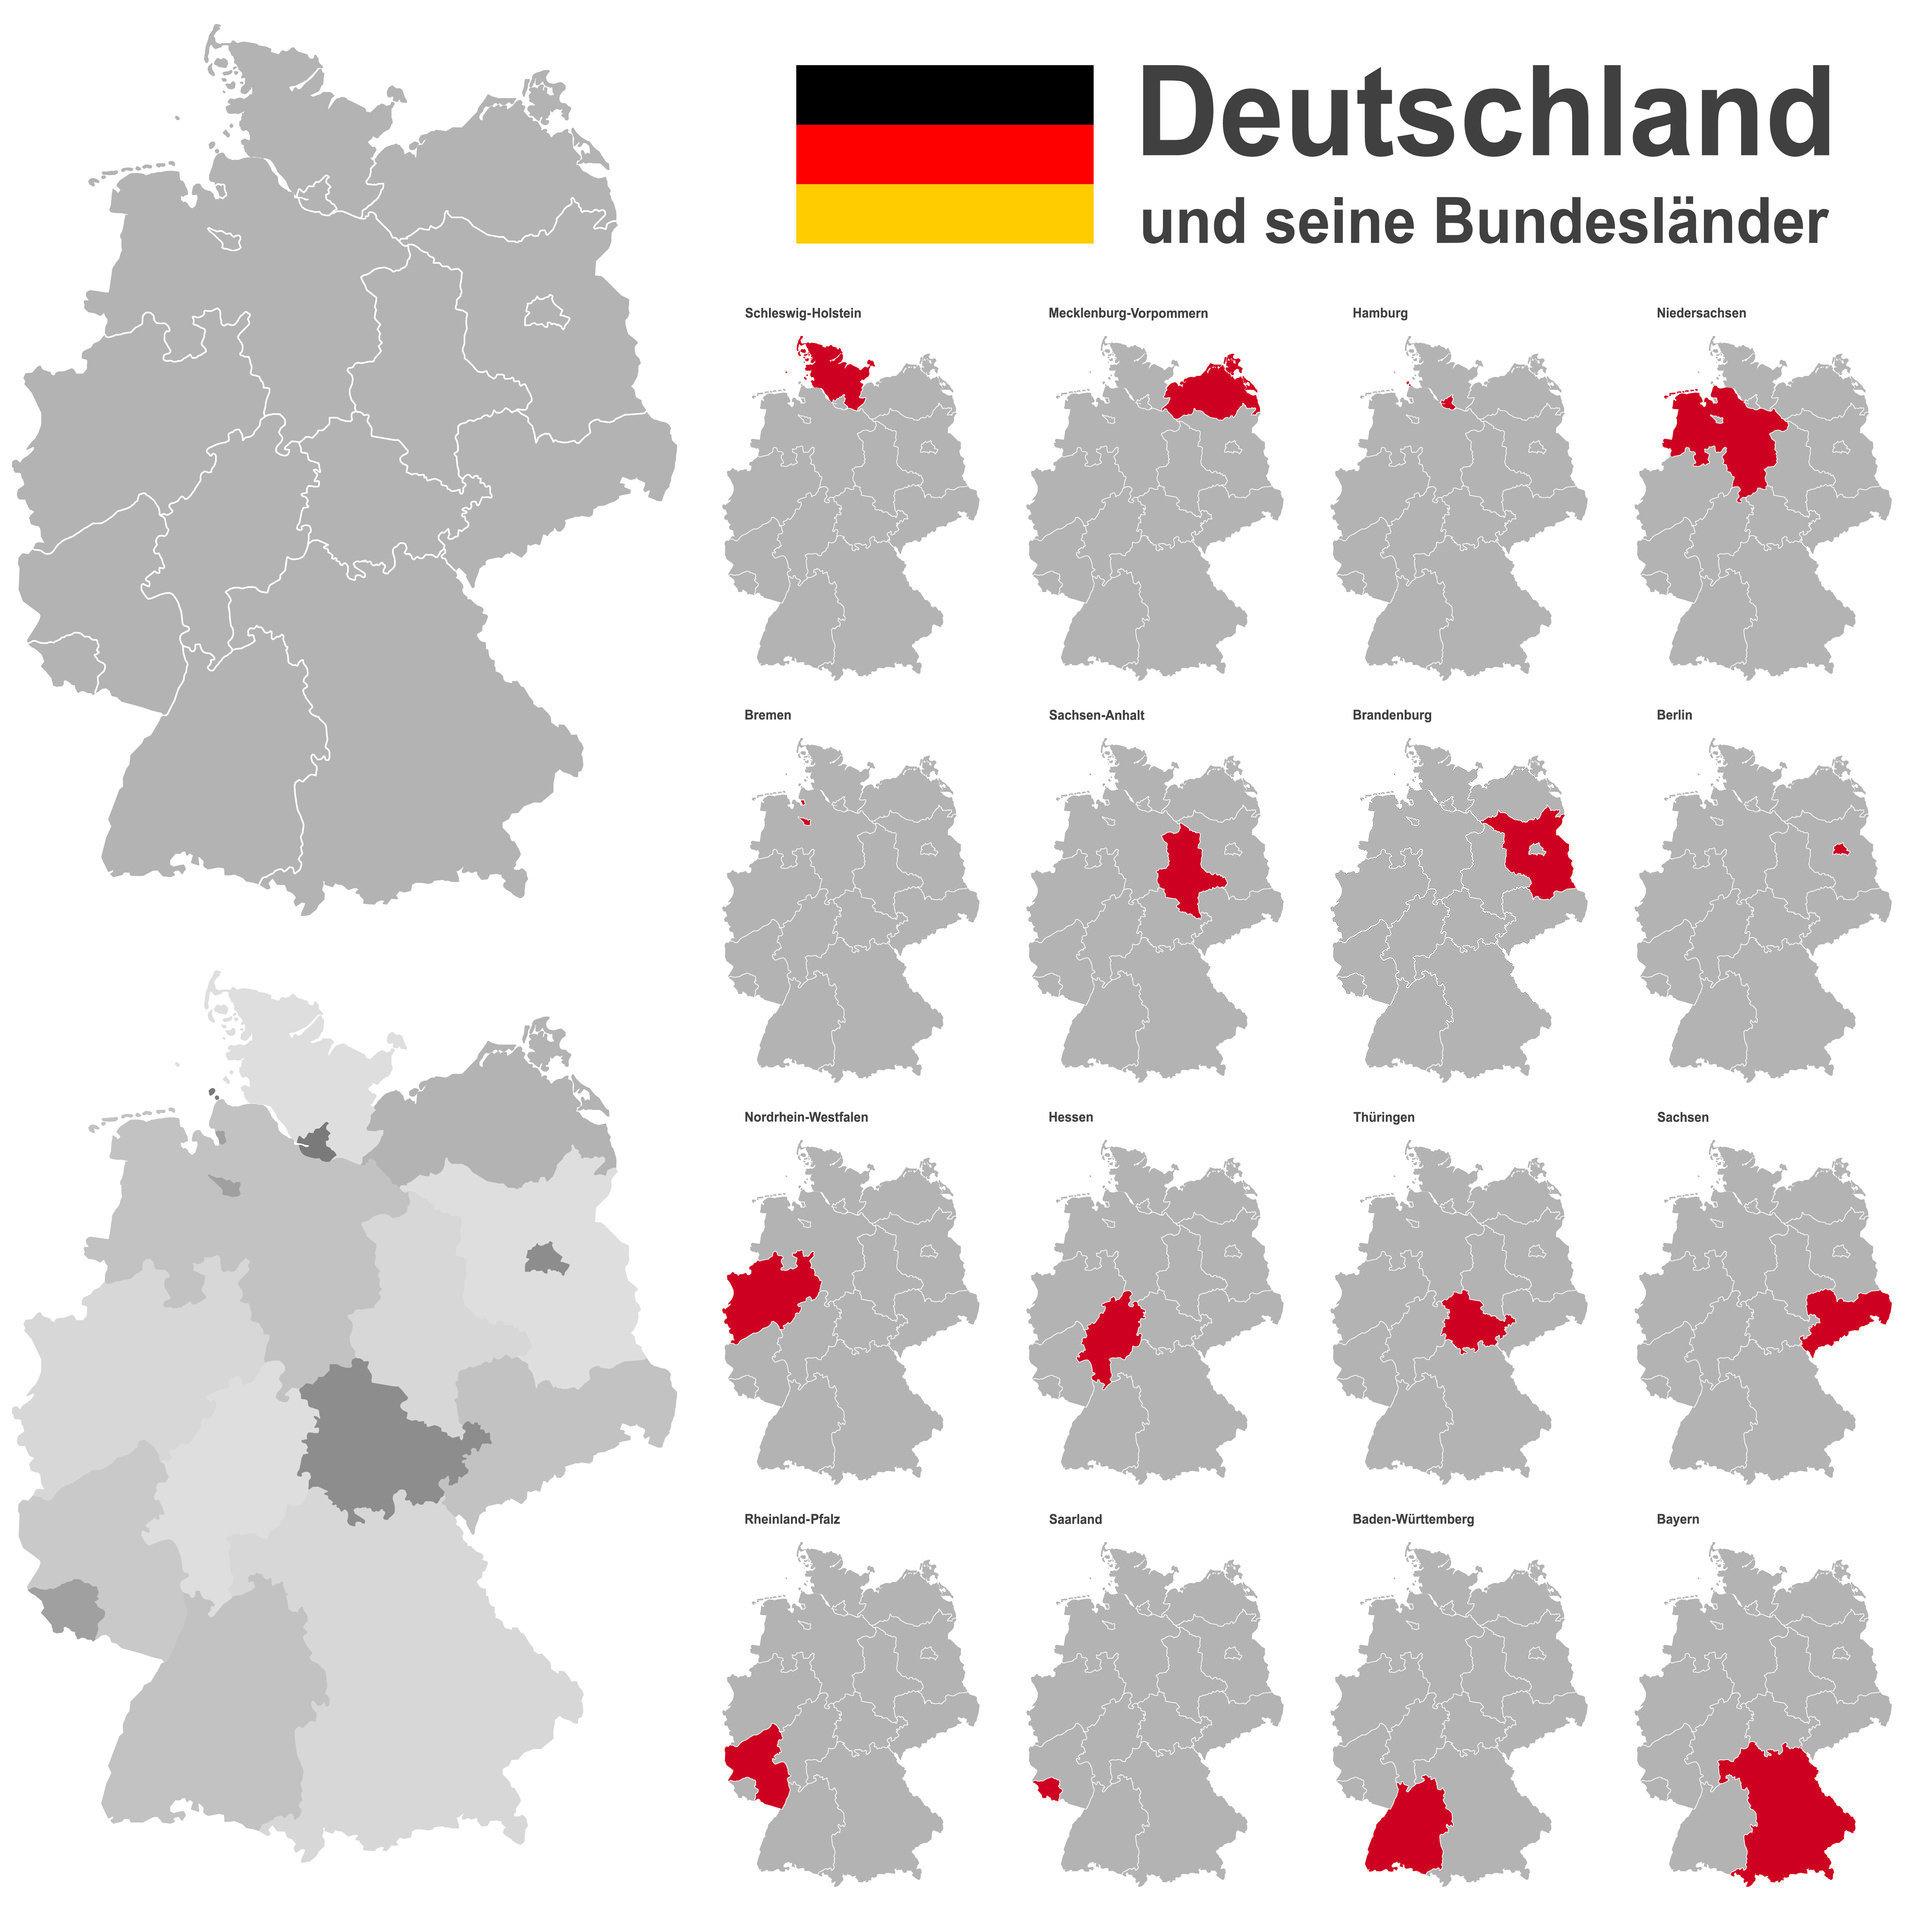 Wie Heißen Die 16 Bundesländer Von Deutschland Und Ihre in Deutschlands Bundesländer Und Hauptstädte